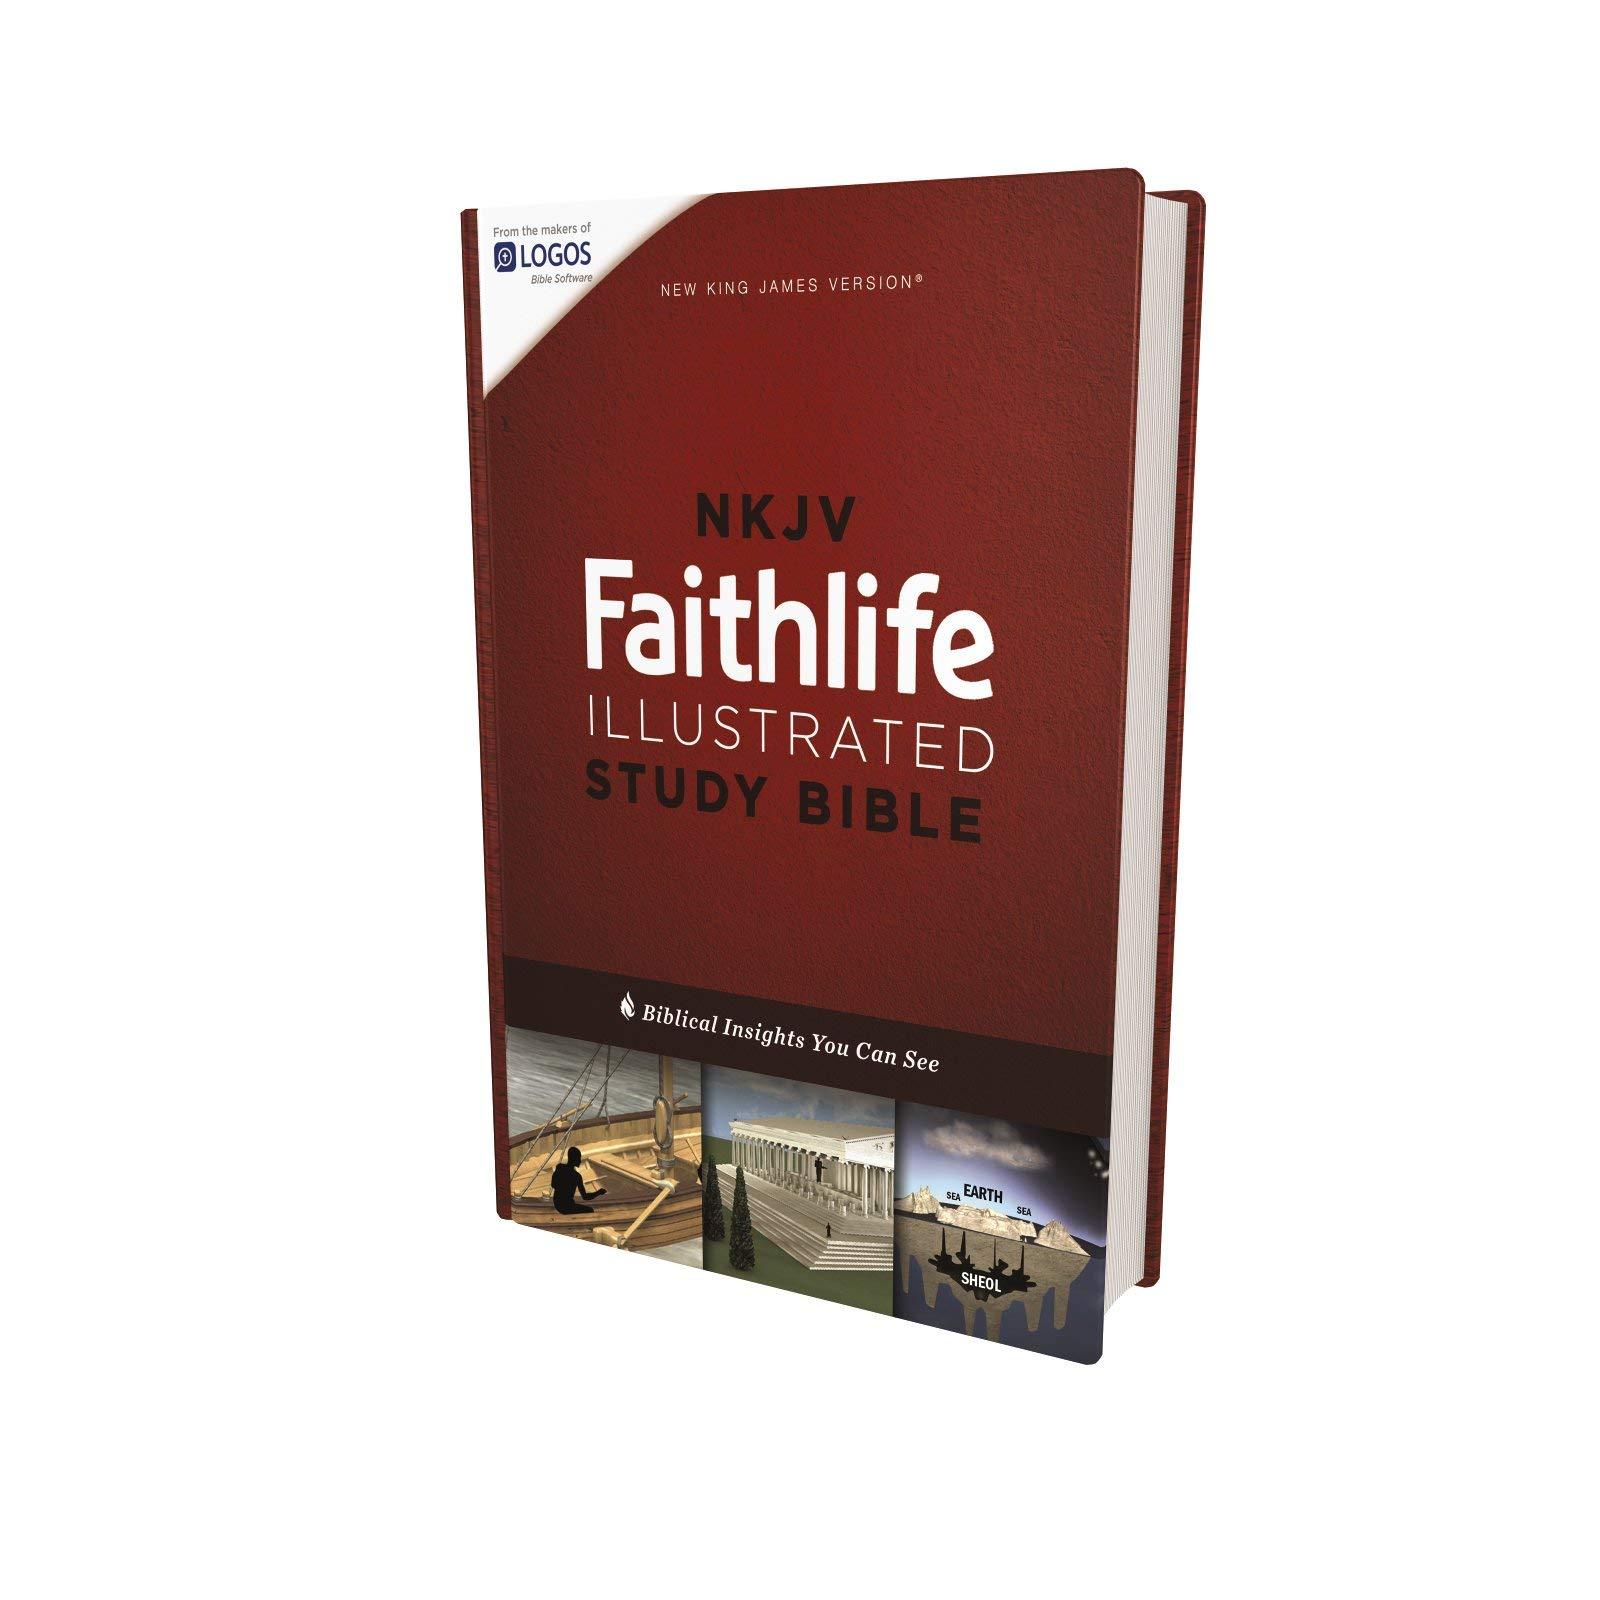 NKJV, Faithlife Illustrated Study Bible, Hardcover, Red